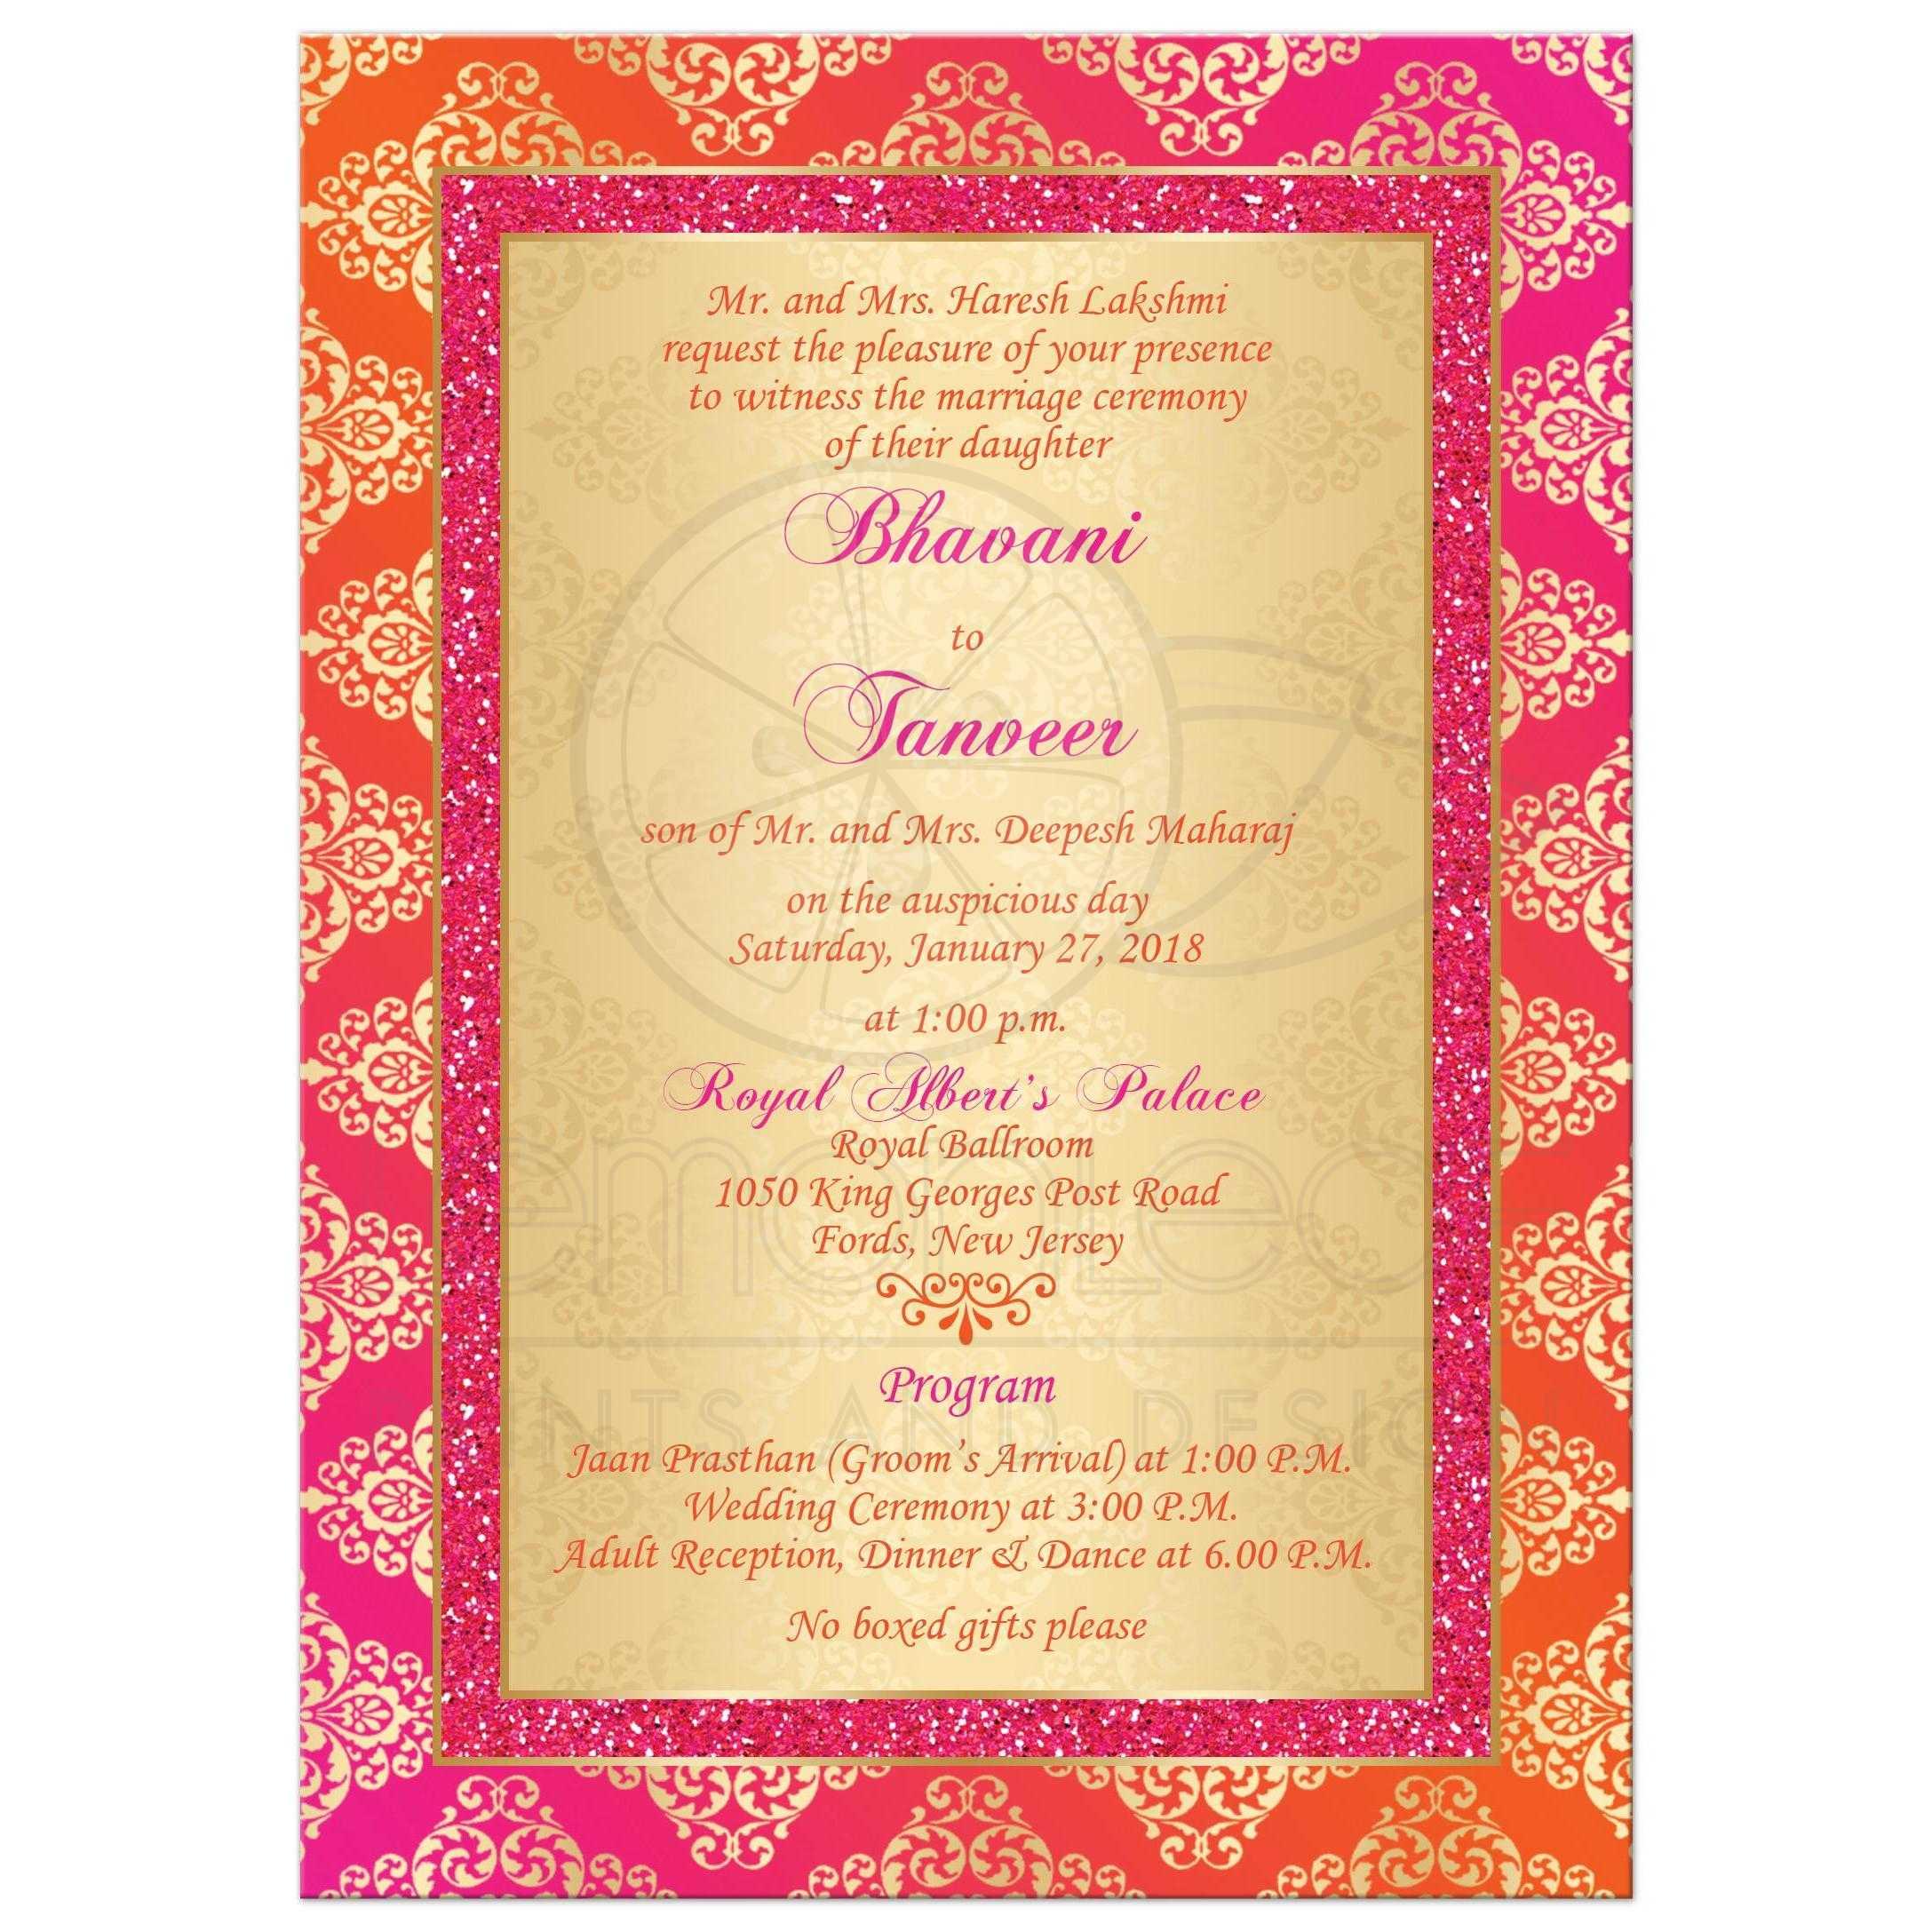 Hindu Wedding Invitation: Orange, Fuchsia, Gold Damask